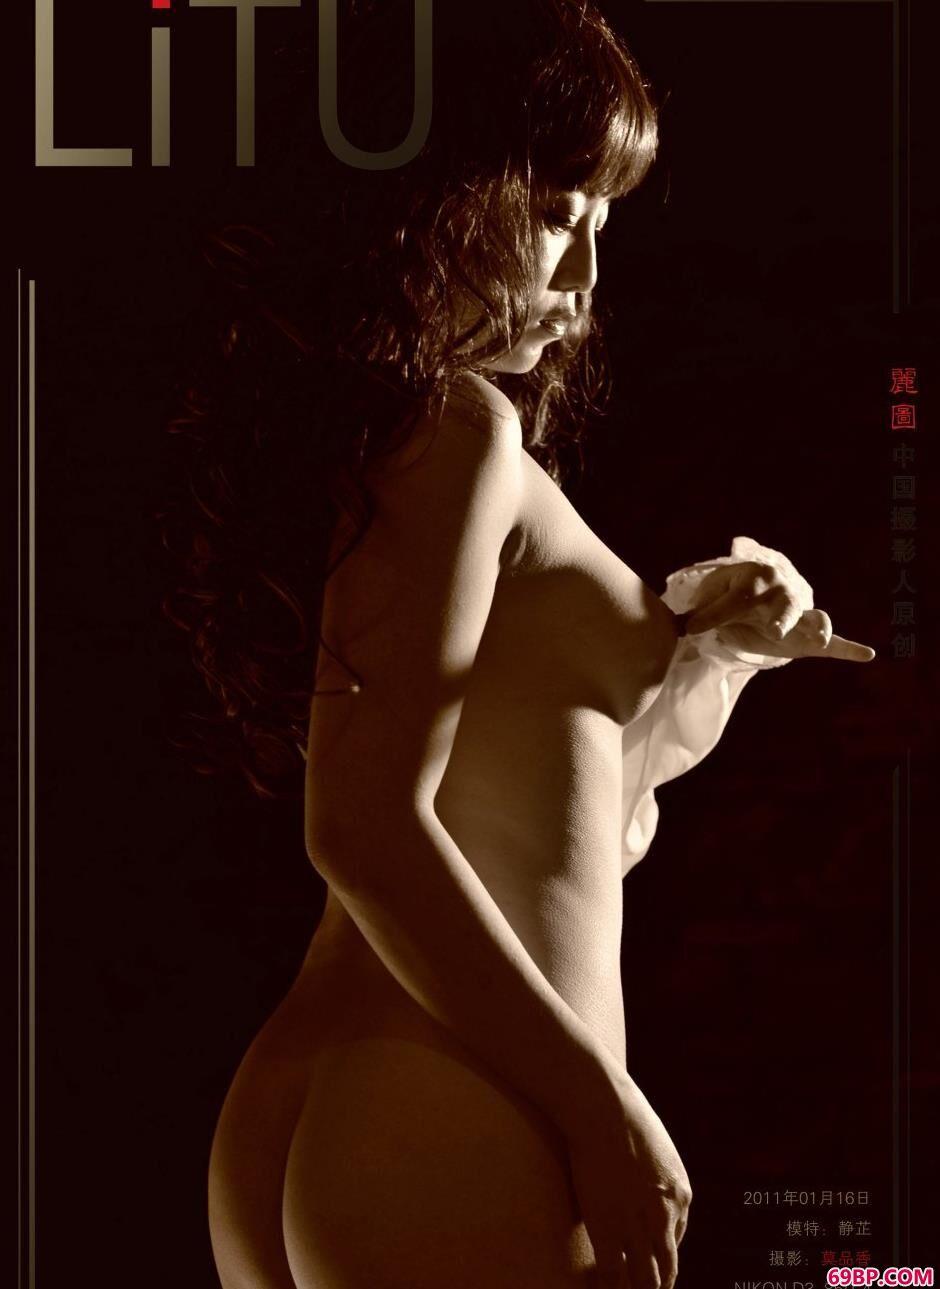 美模静芷写真棚内的卷发美体_中国裸体艺术